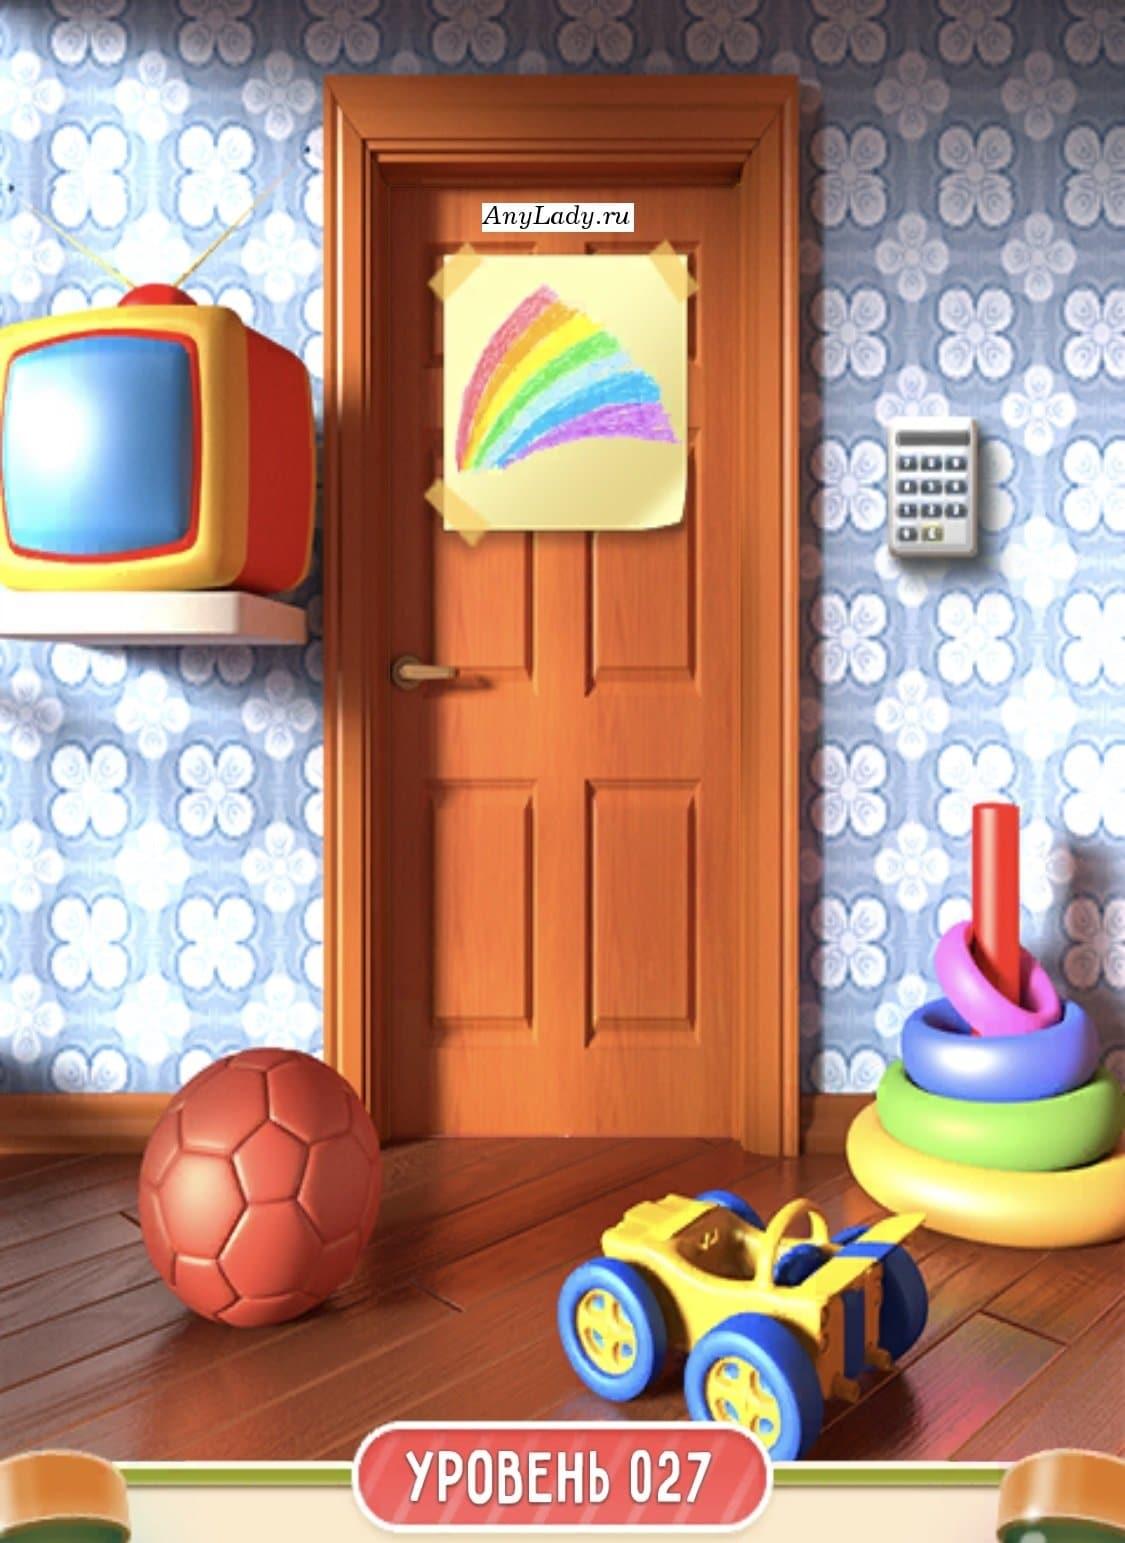 На двери рисунок с радугой, это подсказка к электронному замку. Посчитайте цвета на предметах и по порядку впишите номера, начиная с телевизора и заканчивая пирамидой. Ответ: 3125